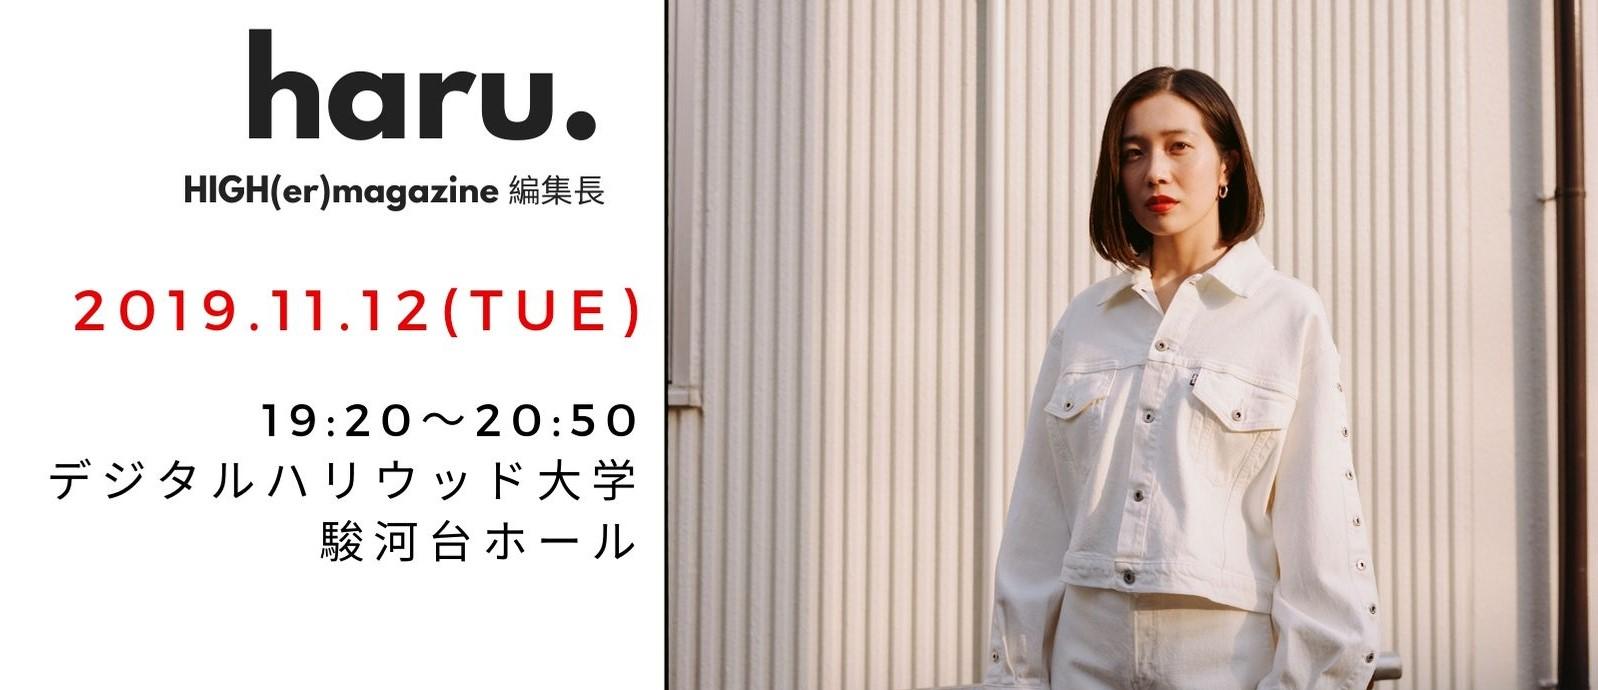 インディぺンデントマガジン『HIGH(er)magazine』編集長 haru.氏が語る『自分だけの働き方』